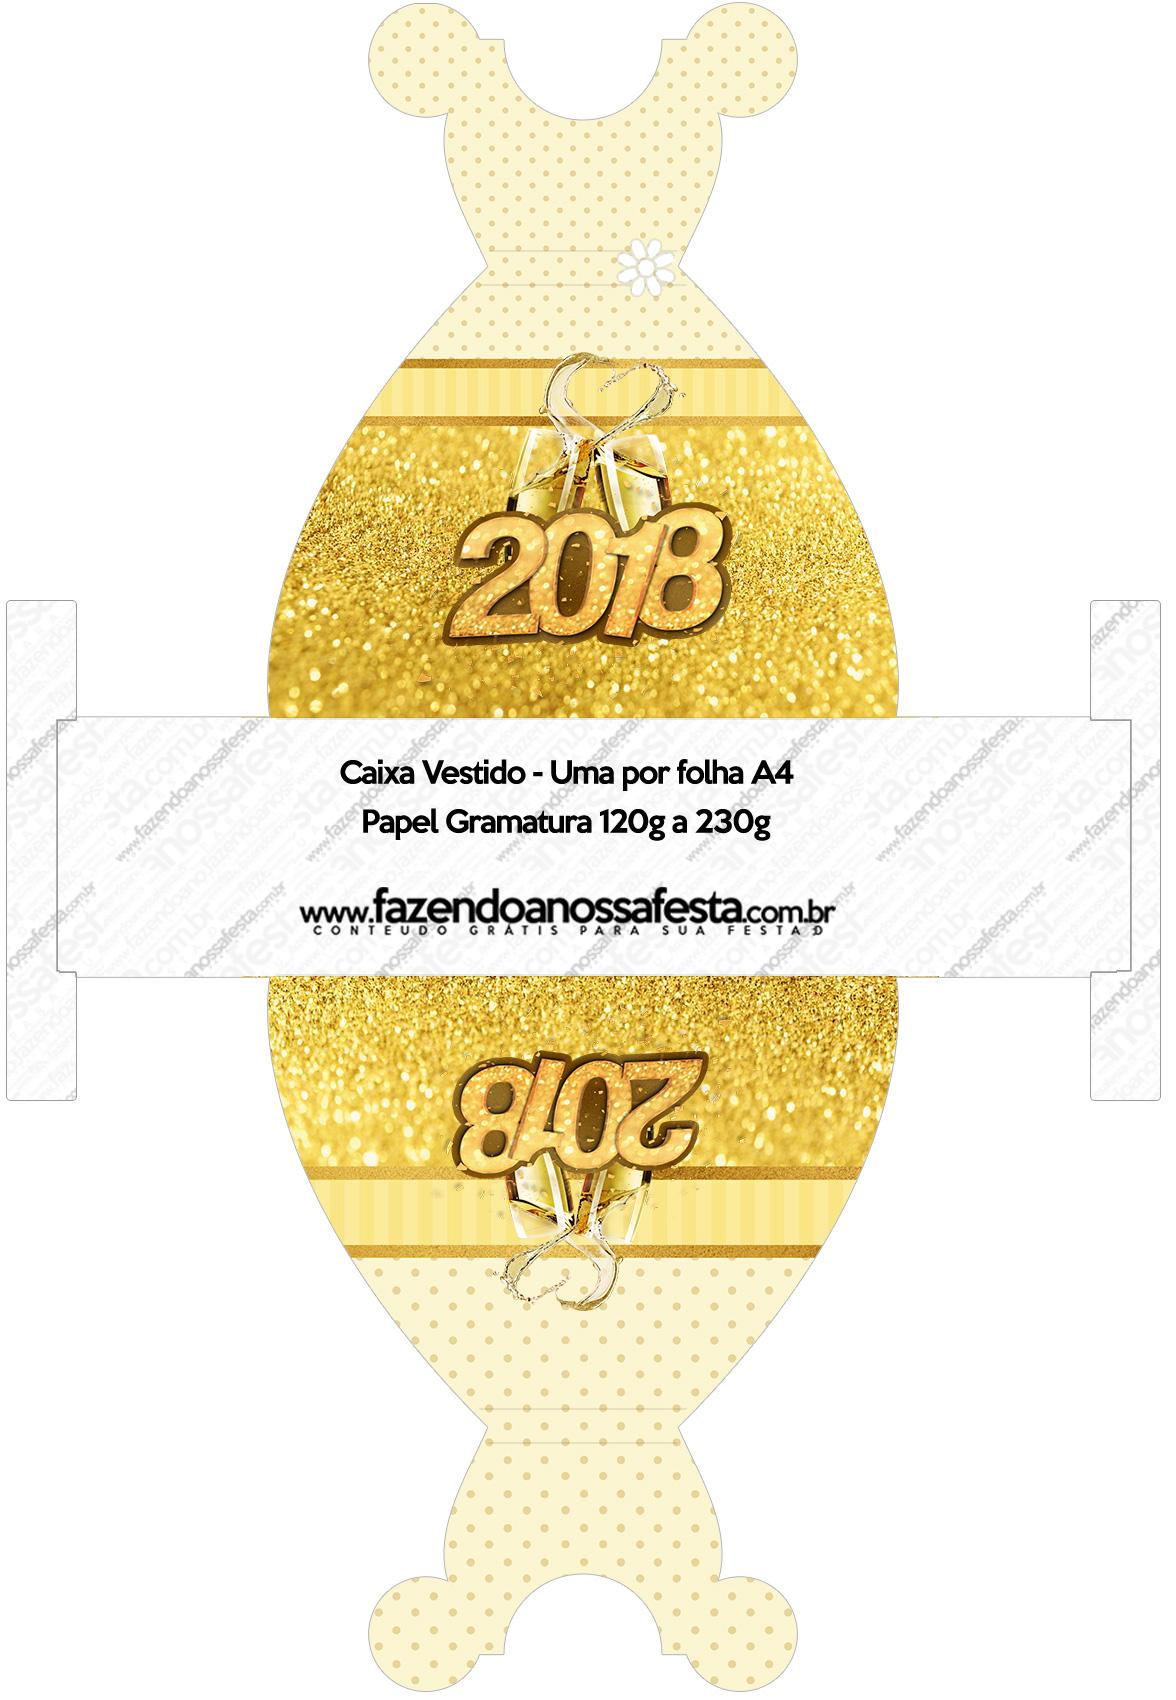 Convite Vestido 83 Ano Novo 2018